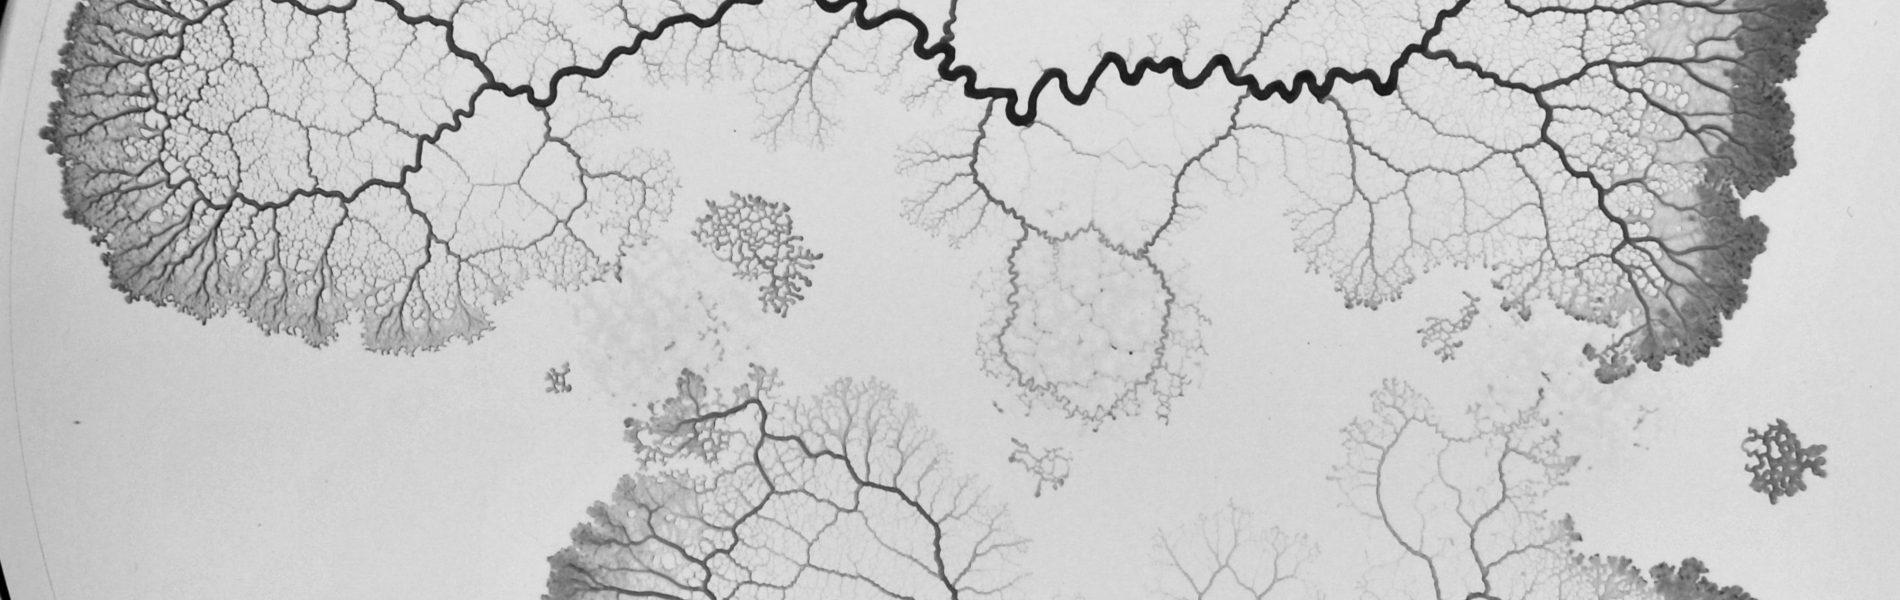 Eine Flüssigkeit zerläuft in einer Petrischale und erzeigt ein Baum-ähnliches Bild.